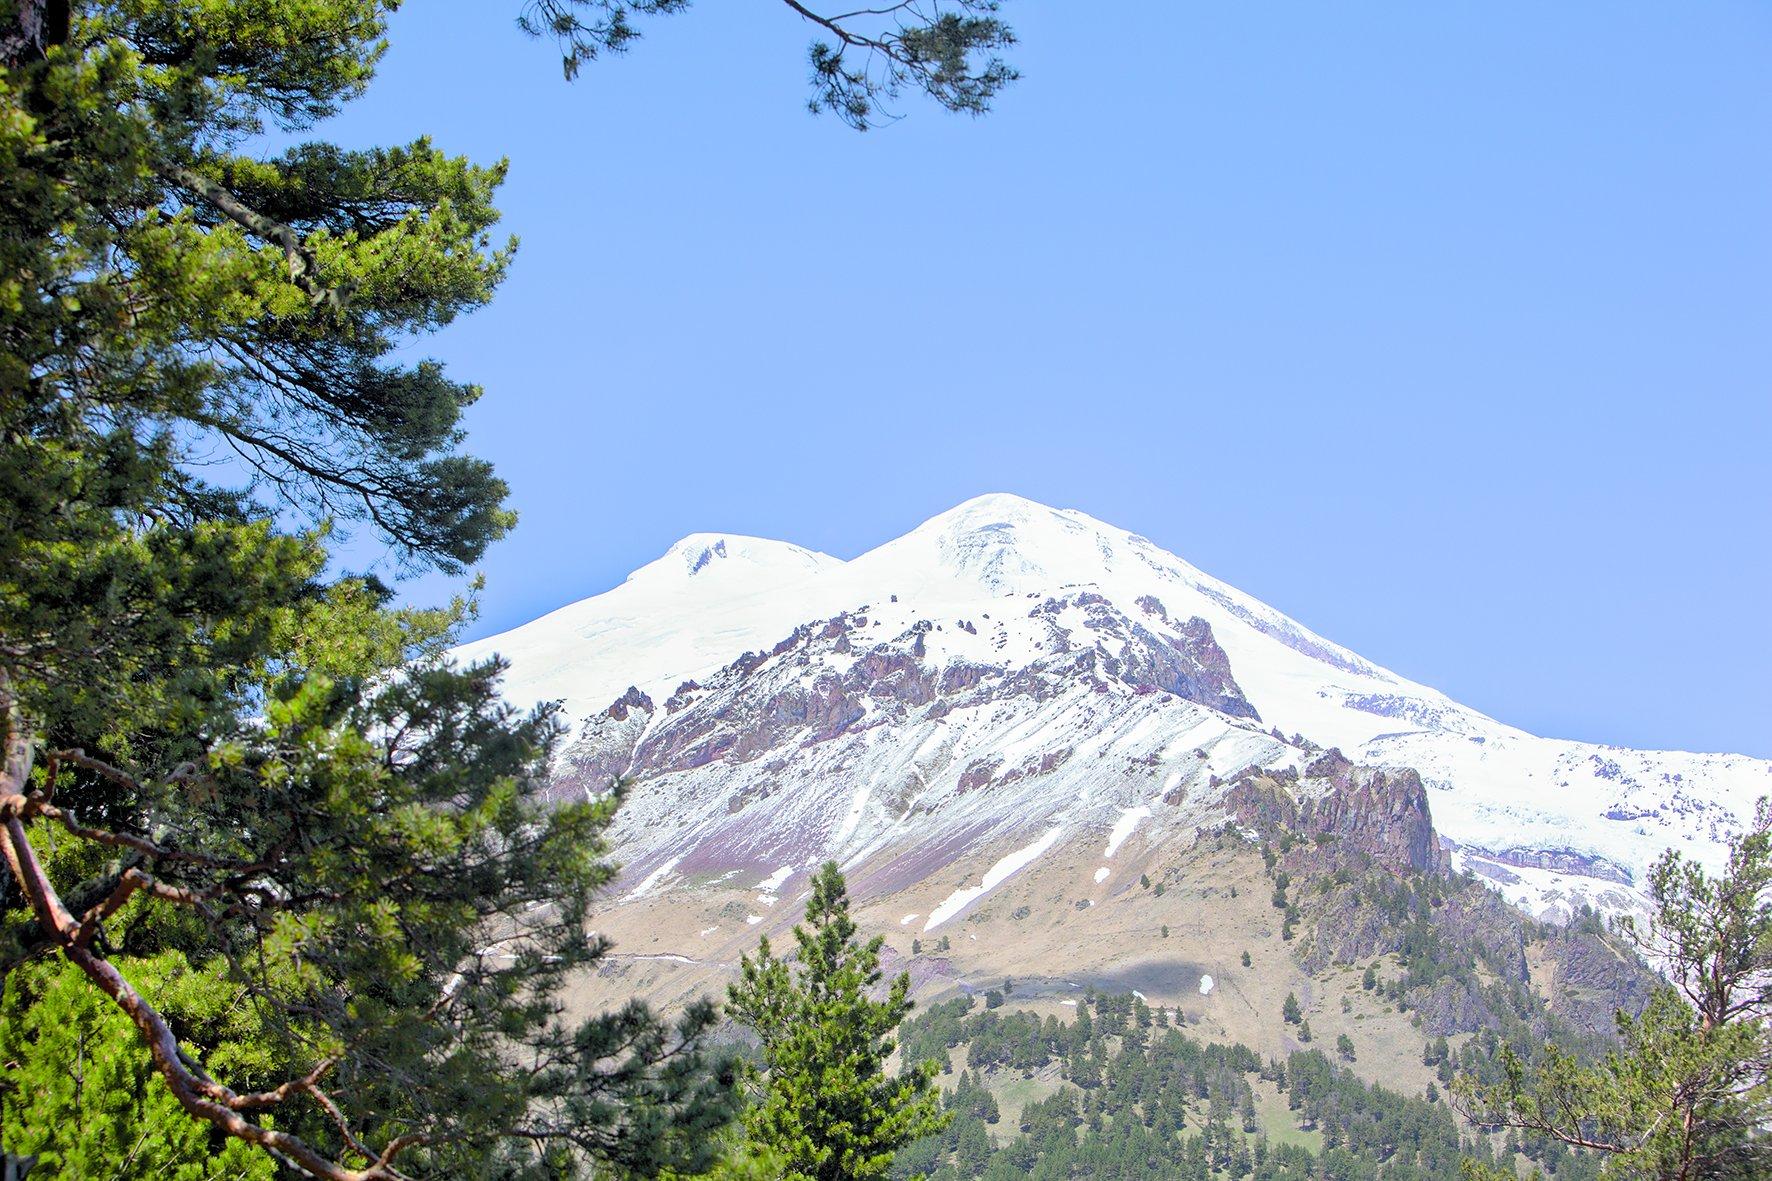 кабардино-балкария. высшая точка европы - гора эльбрус. вид с чегета, Заур Вороков